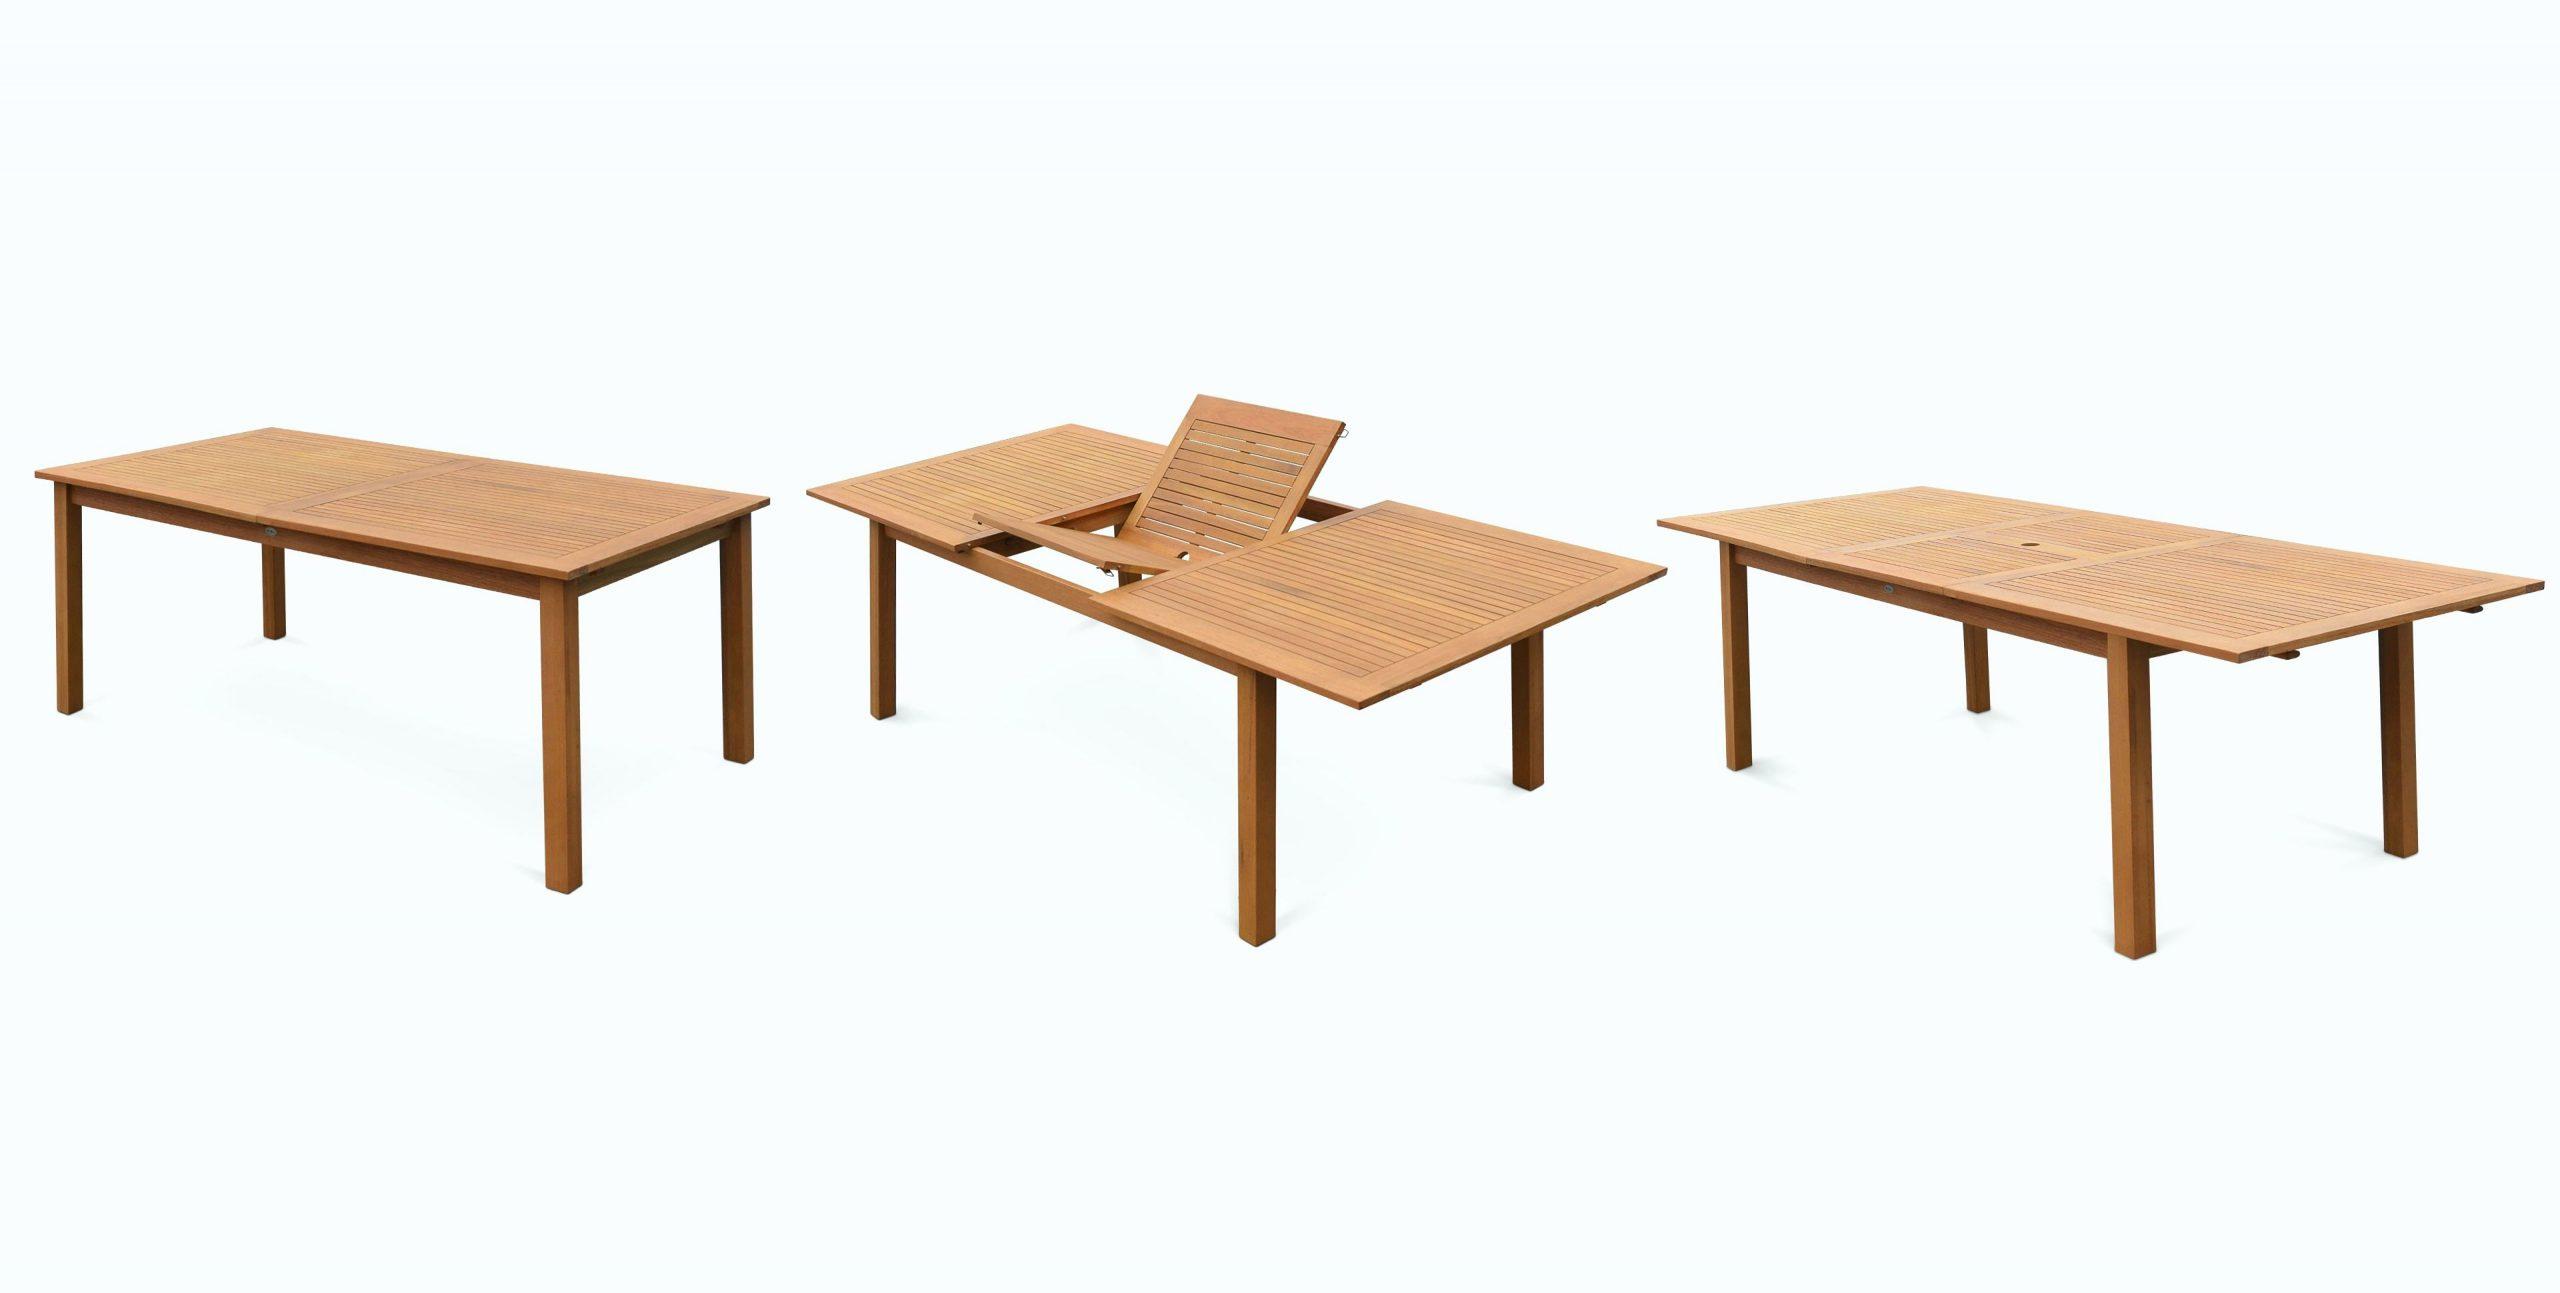 Table De Jardin Jardiland - Canalcncarauca tout Jardiland Mobilier De Jardin